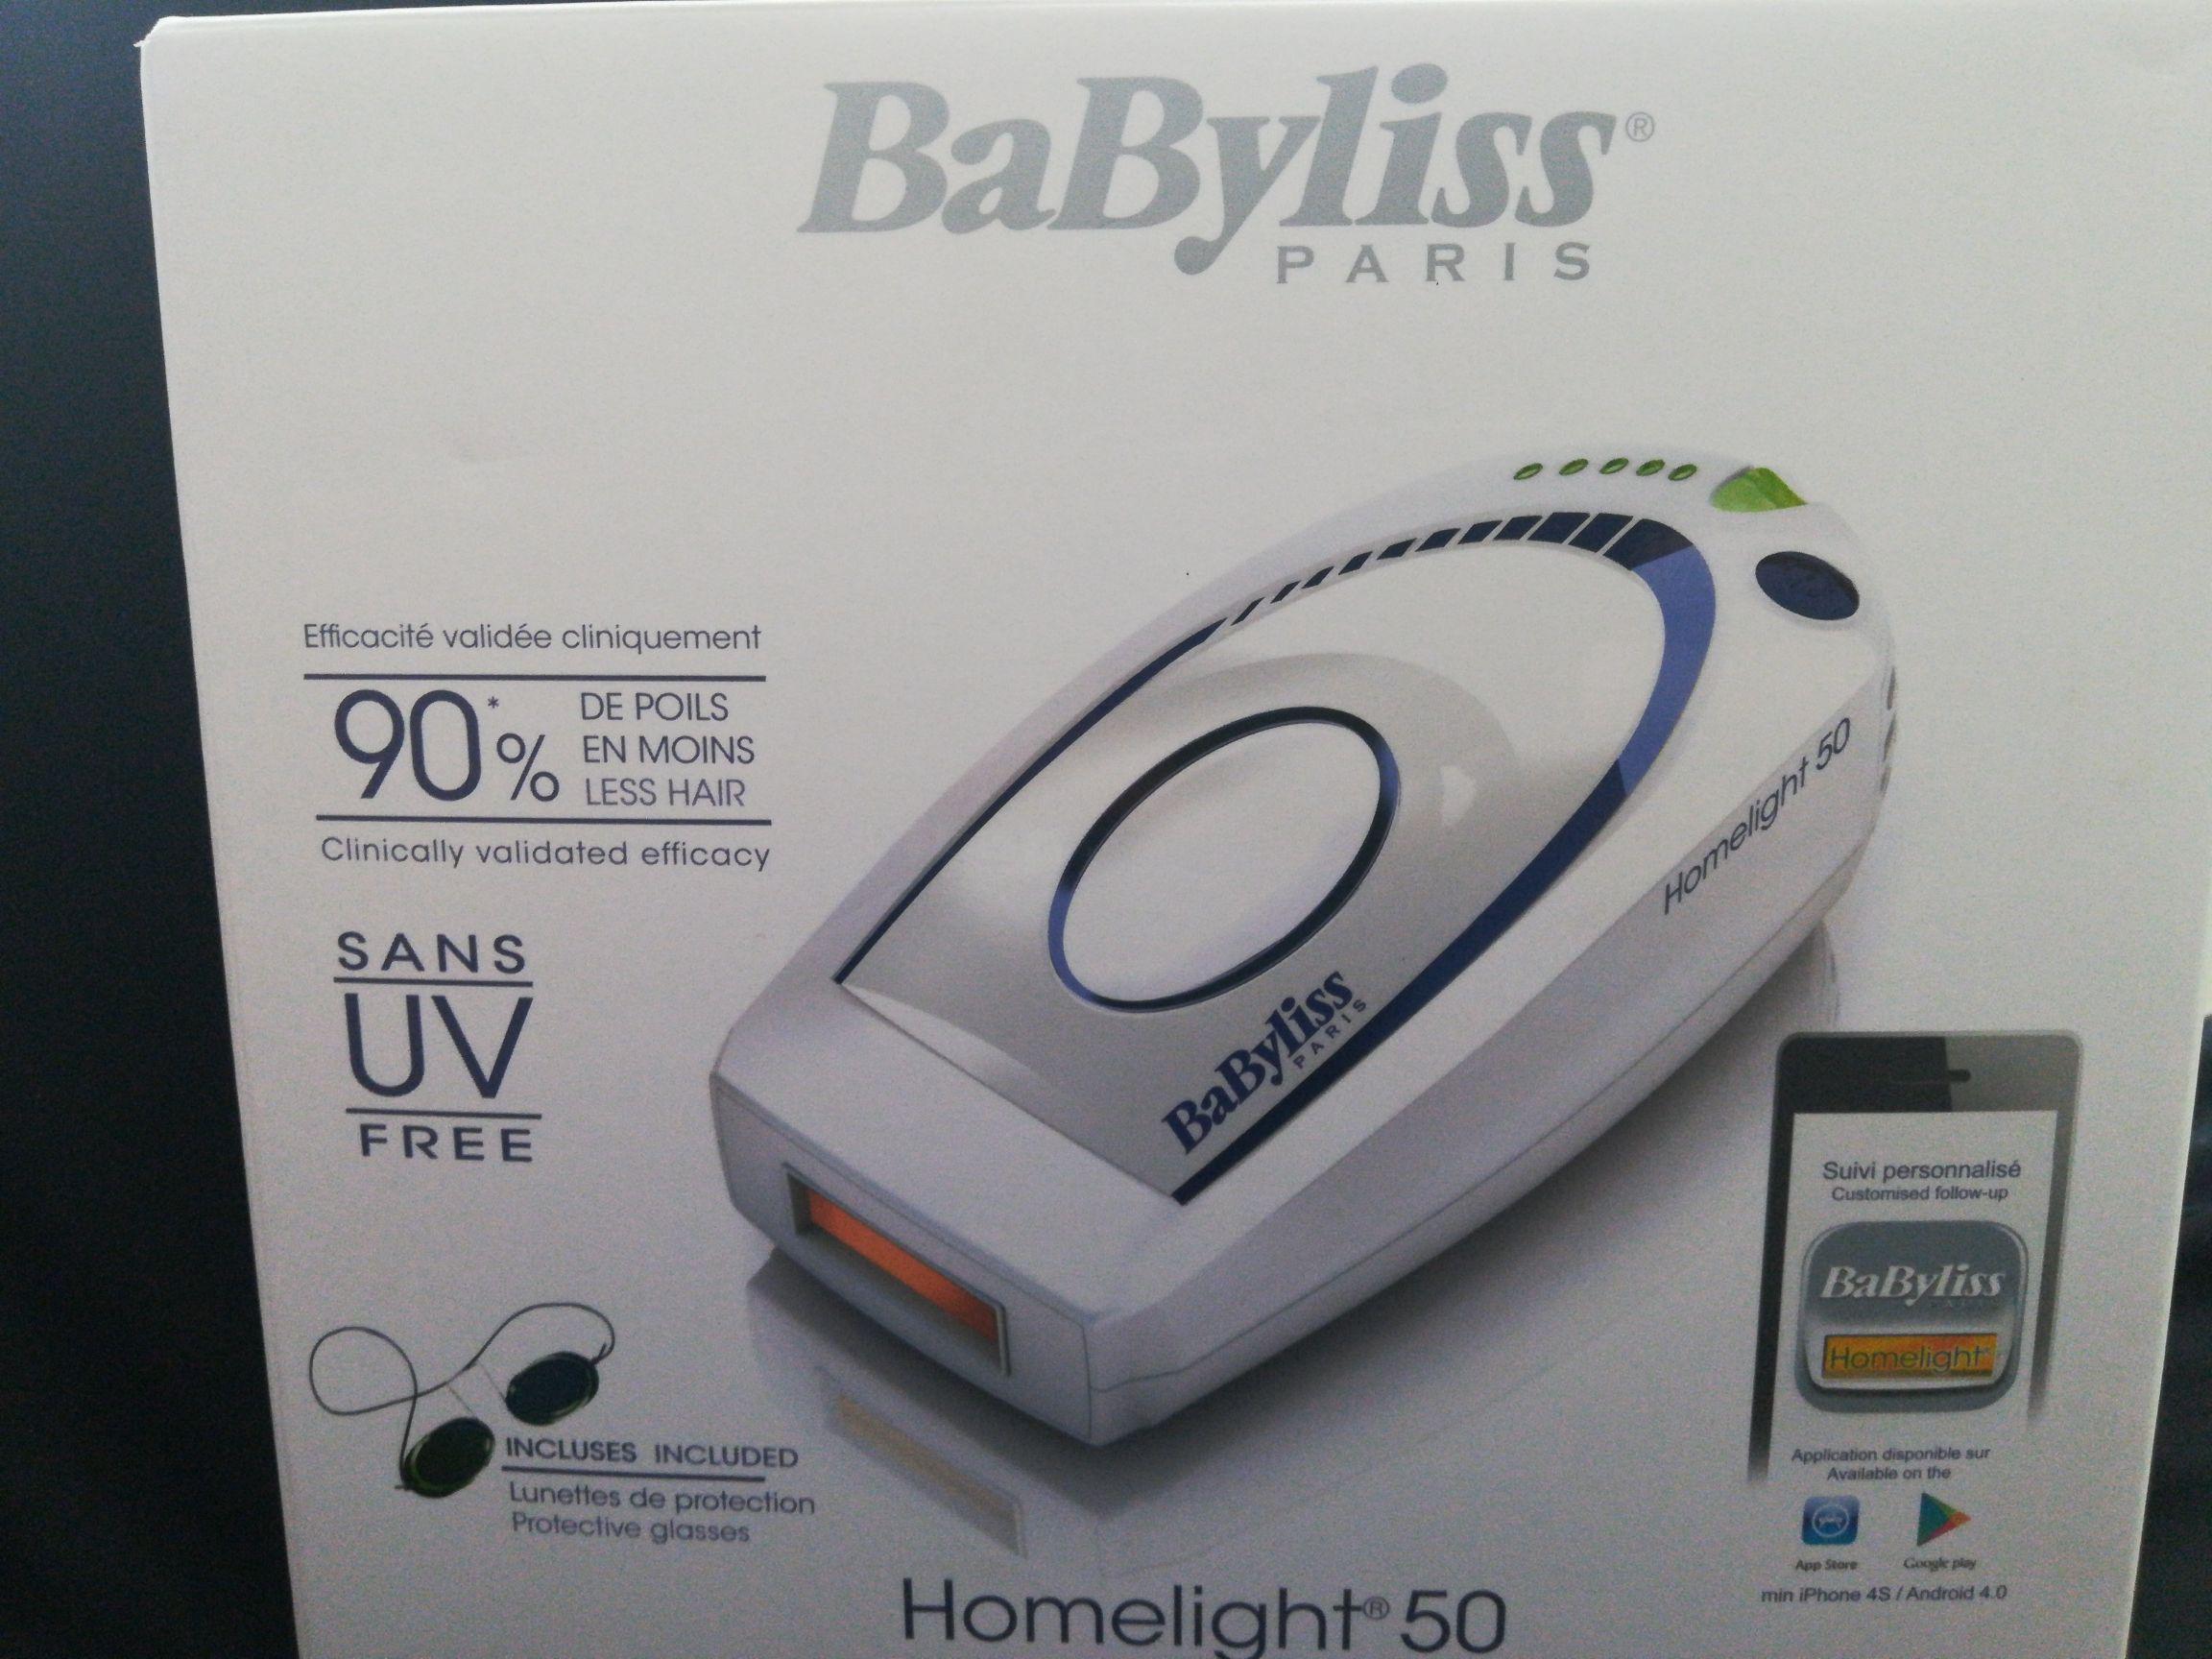 Epilateur à lumière pulsée BaByliss Homelight 50 G932E - Ales (30)